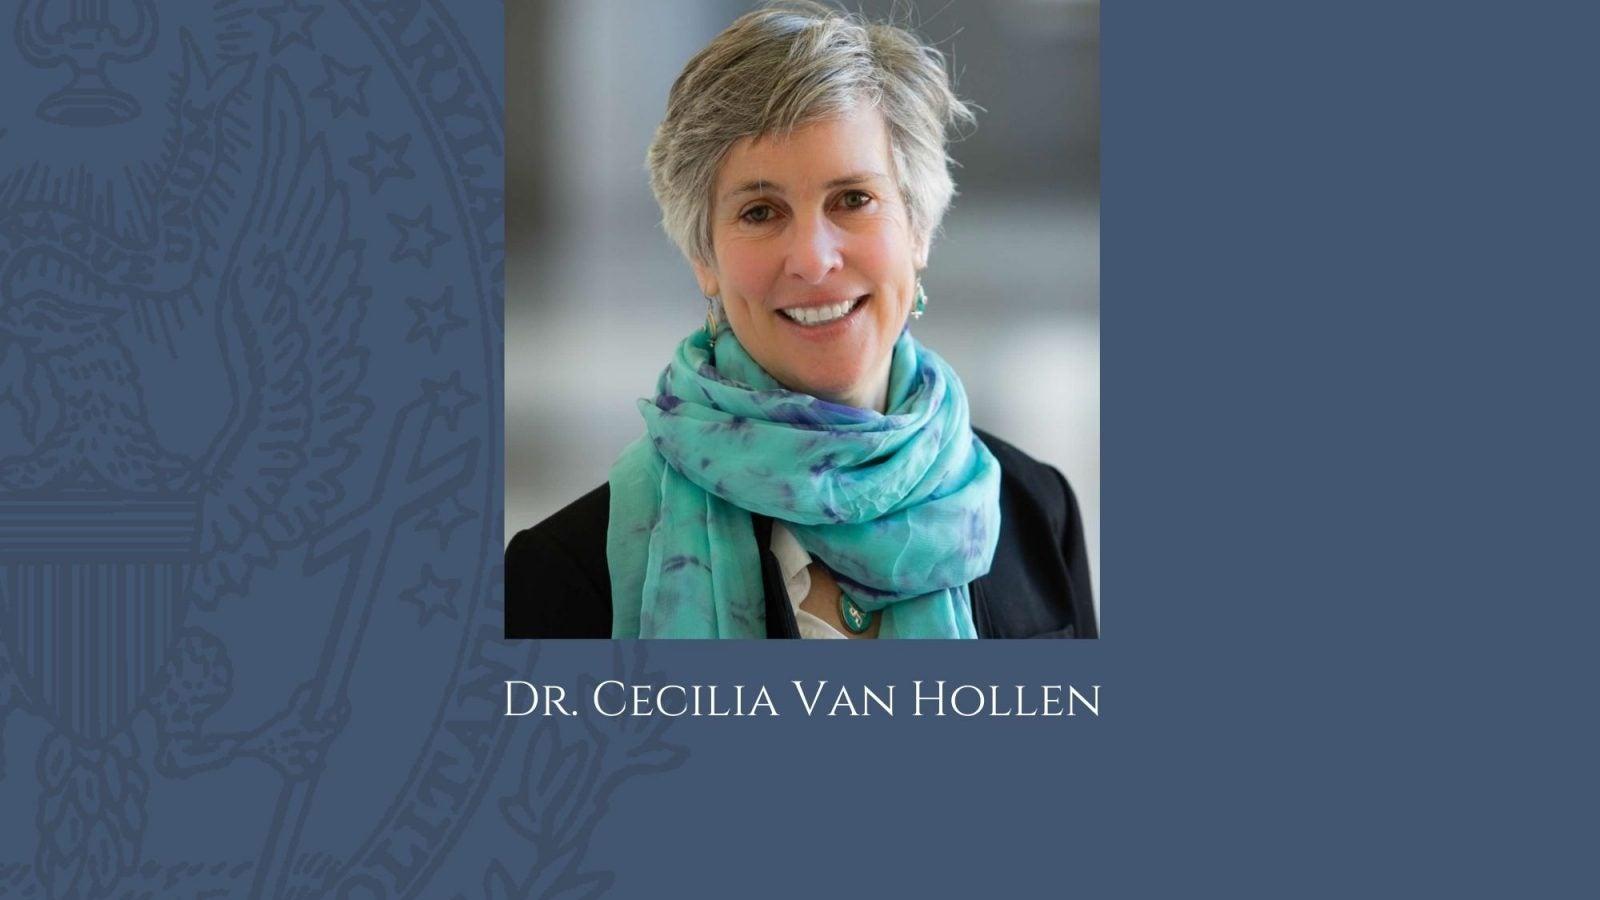 Dr. Cecilia Van Hollen